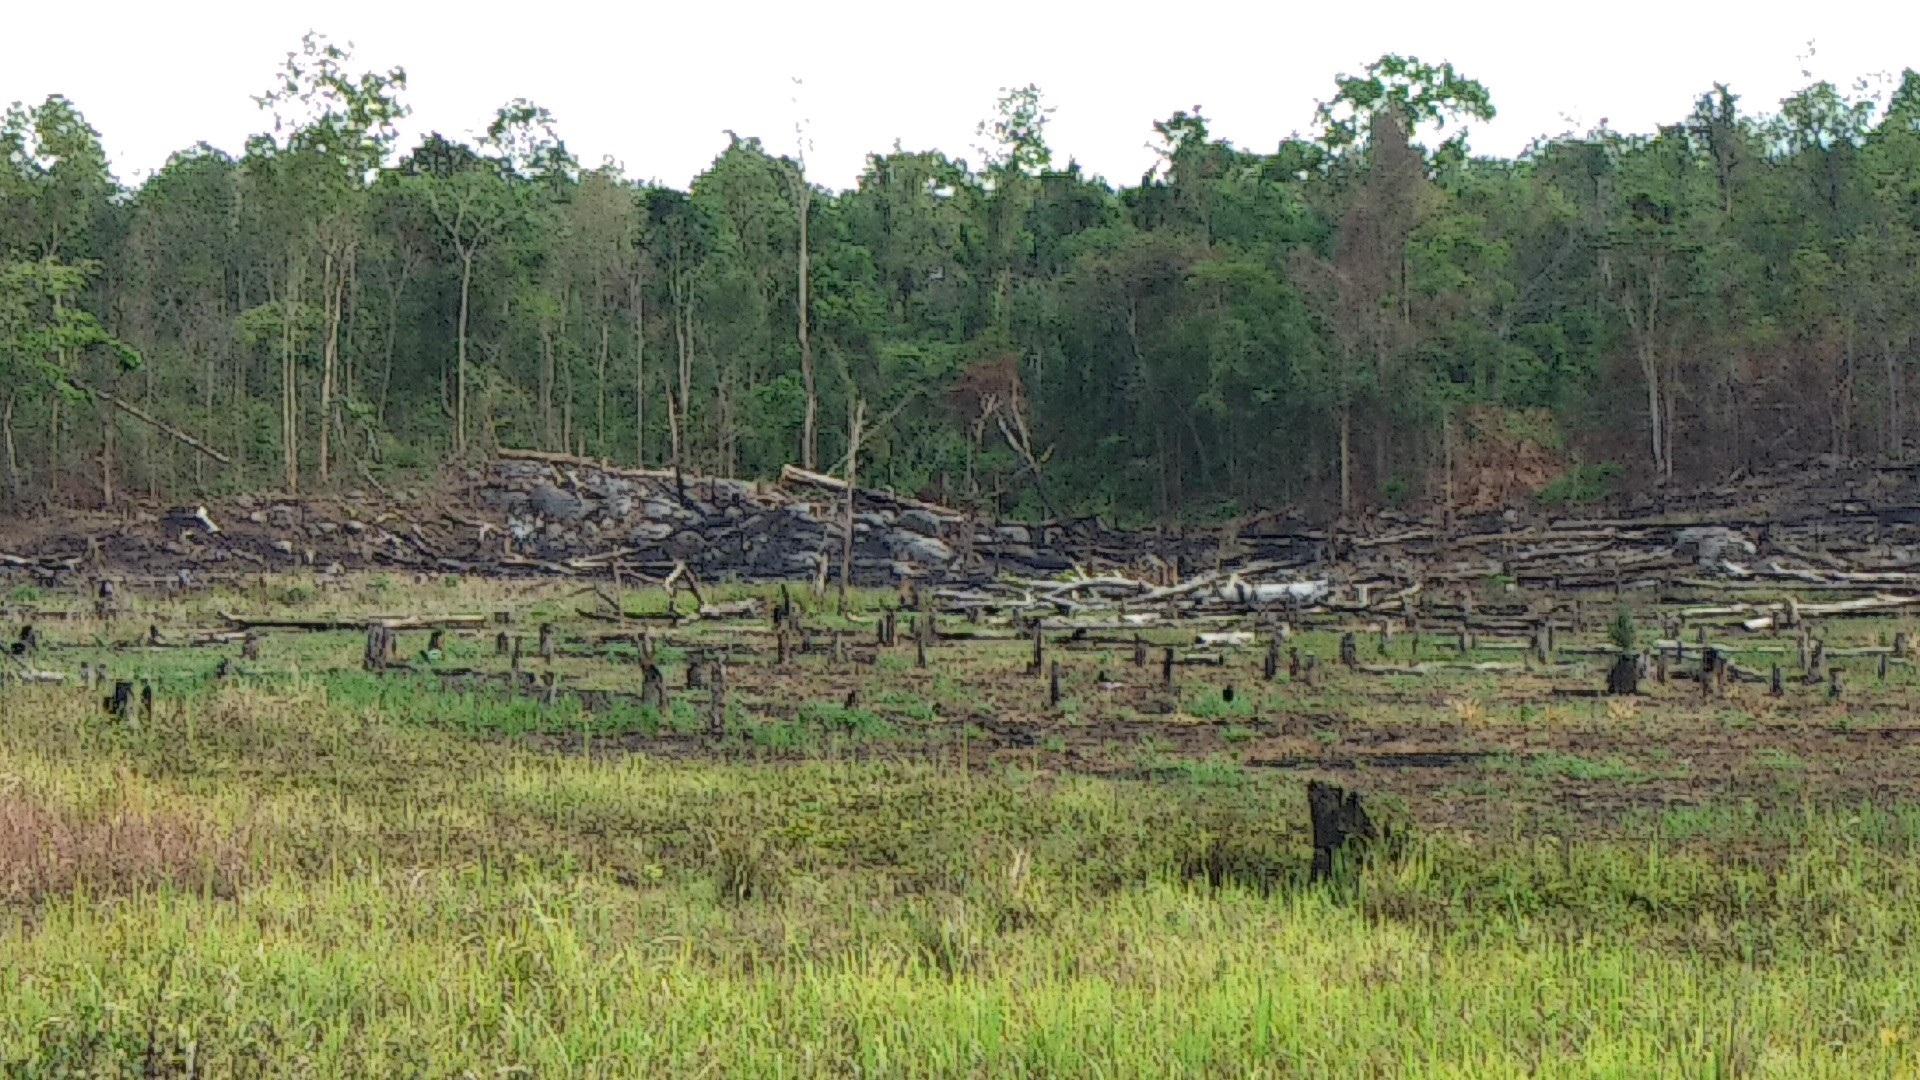 """Ban quản lý rừng Ayun Pa """"làm mất"""" hơn 550 ha rừng, chi sai hơn 1,6 tỷ đồng - Ảnh 1."""